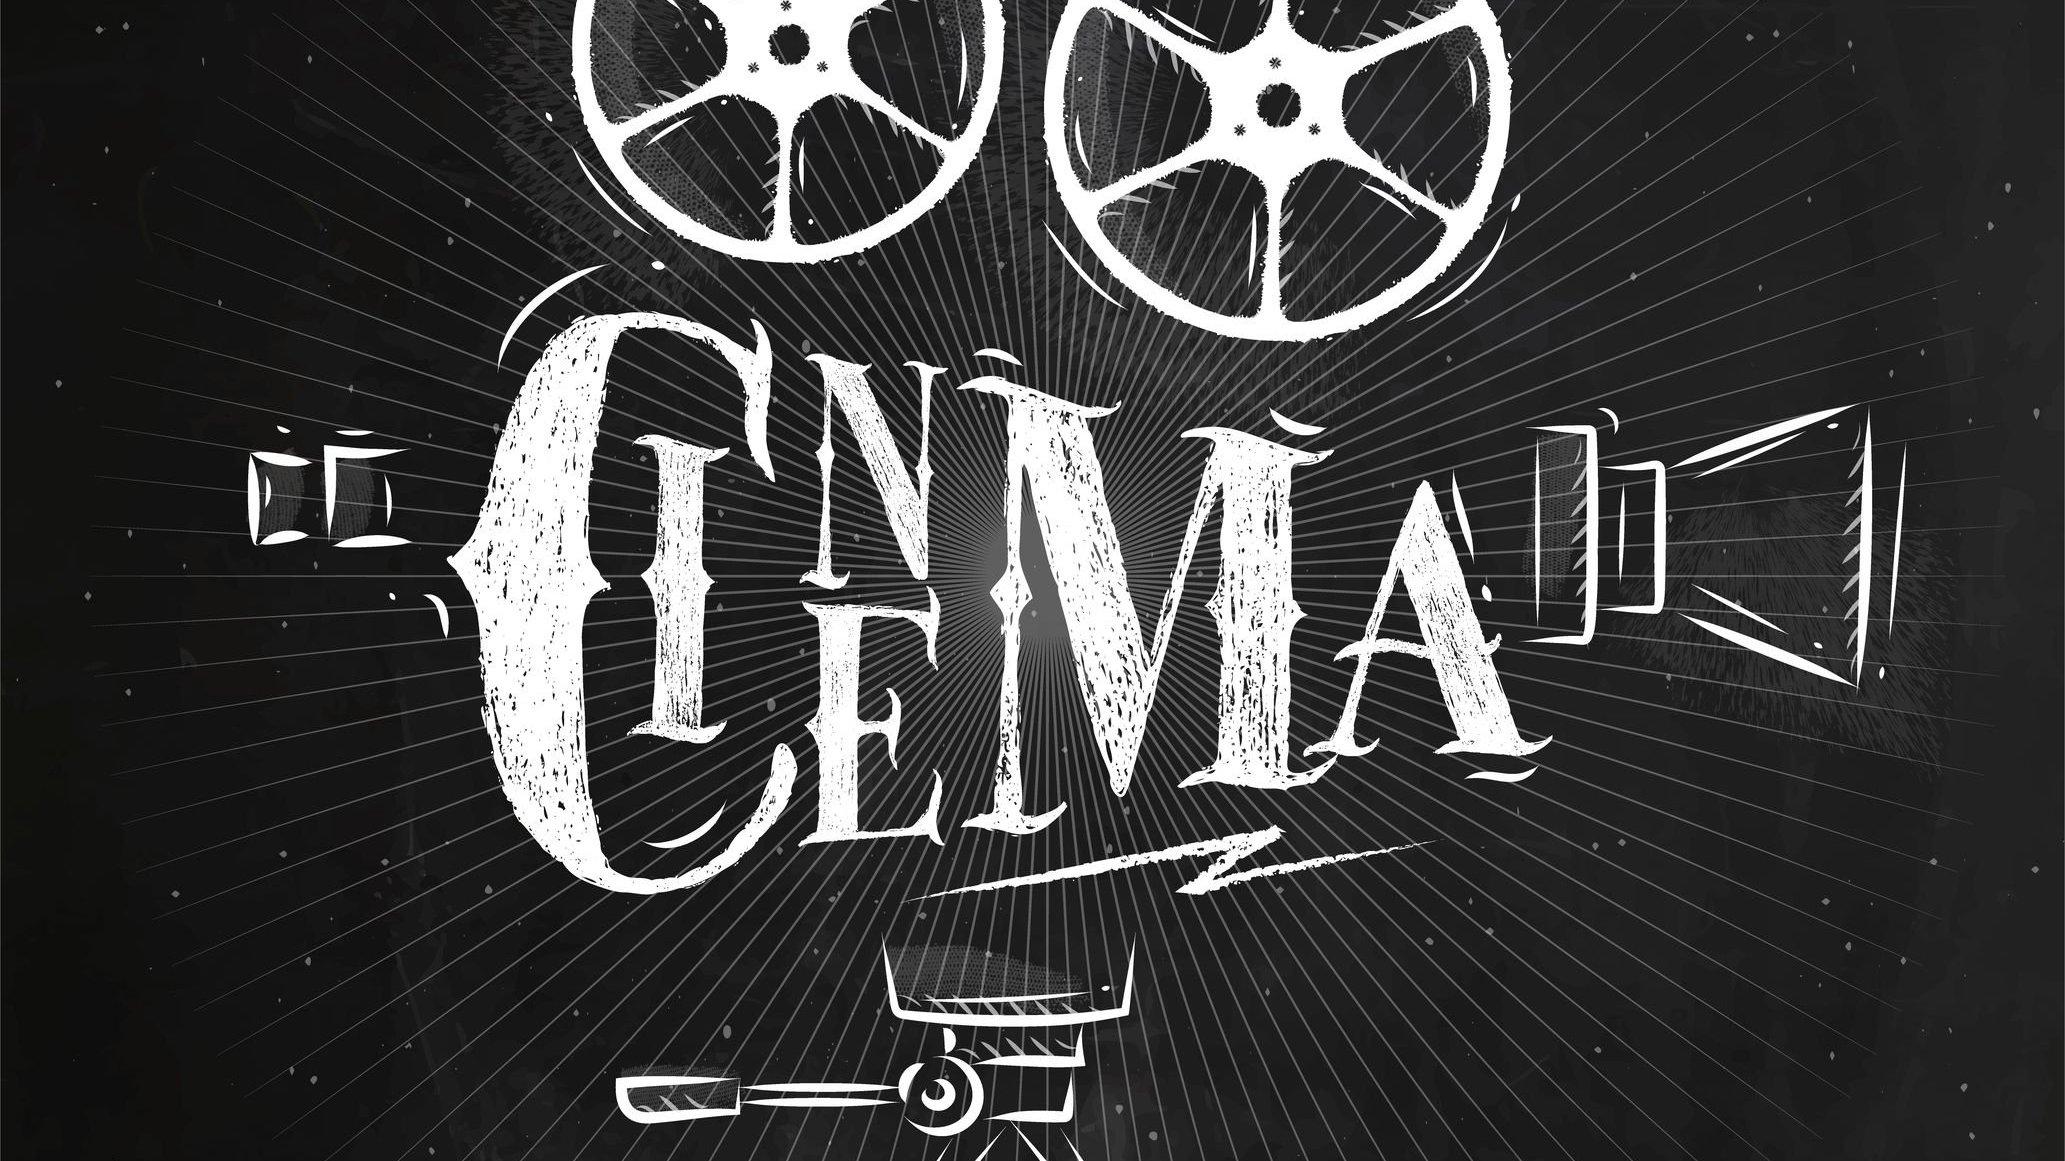 Ilustração da palavra cinema com as letras formando uma câmera